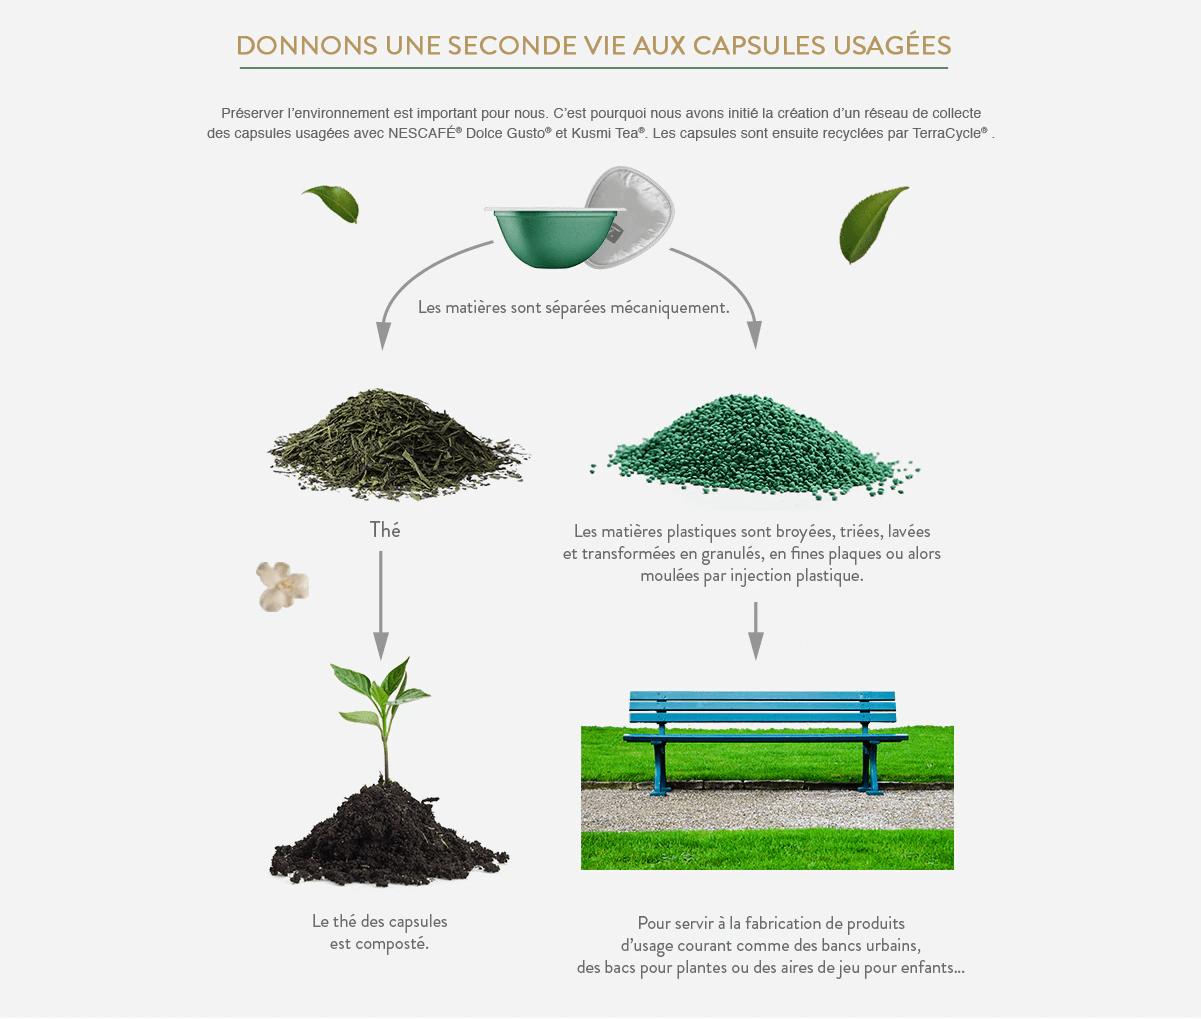 Schéma du recyclage des capsules